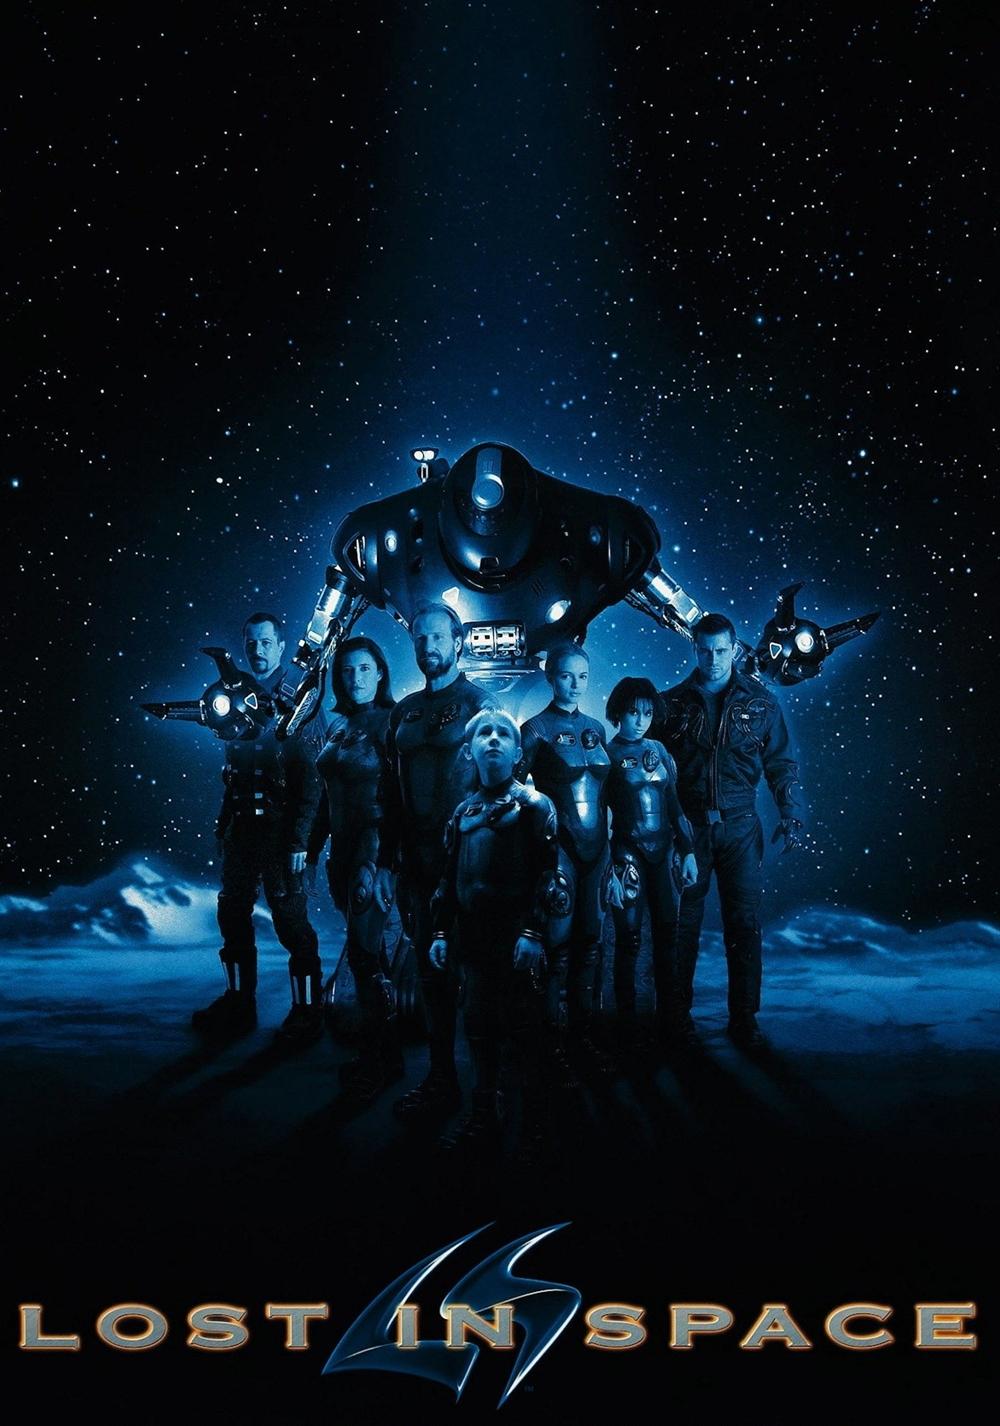 Lost in Space | Movie fanart | fanart.tv